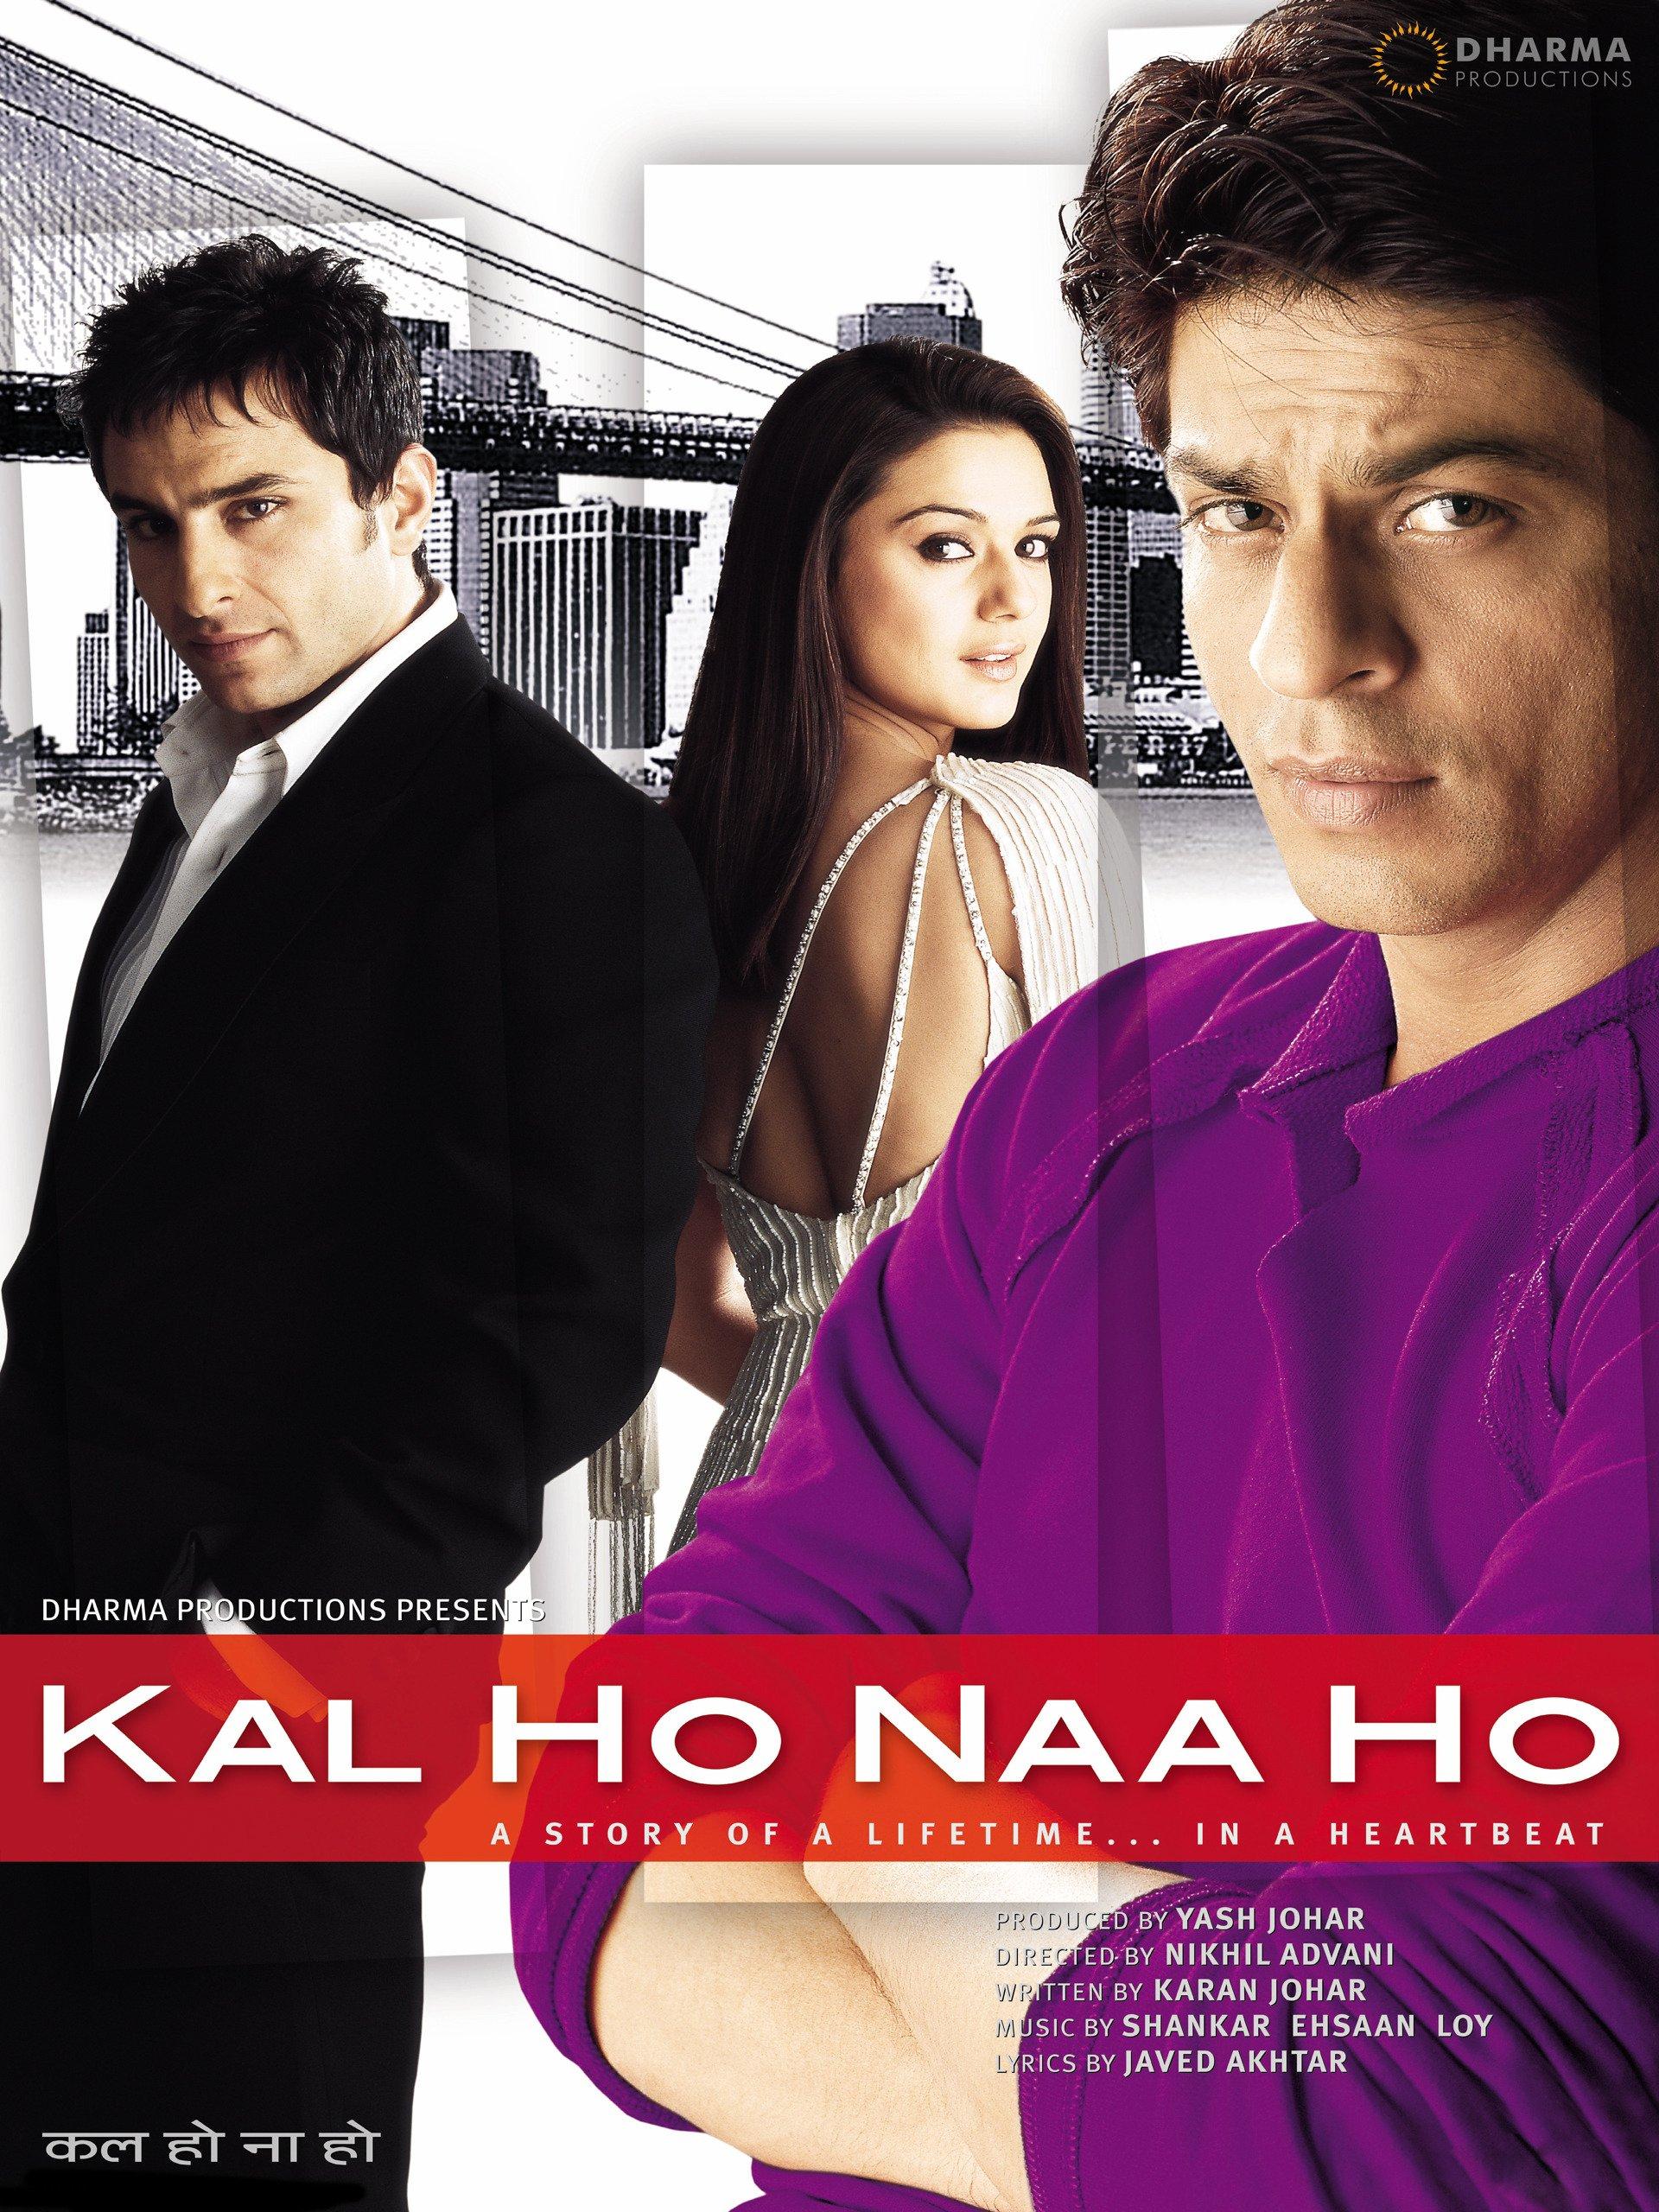 kal ho naa ho full movie online free